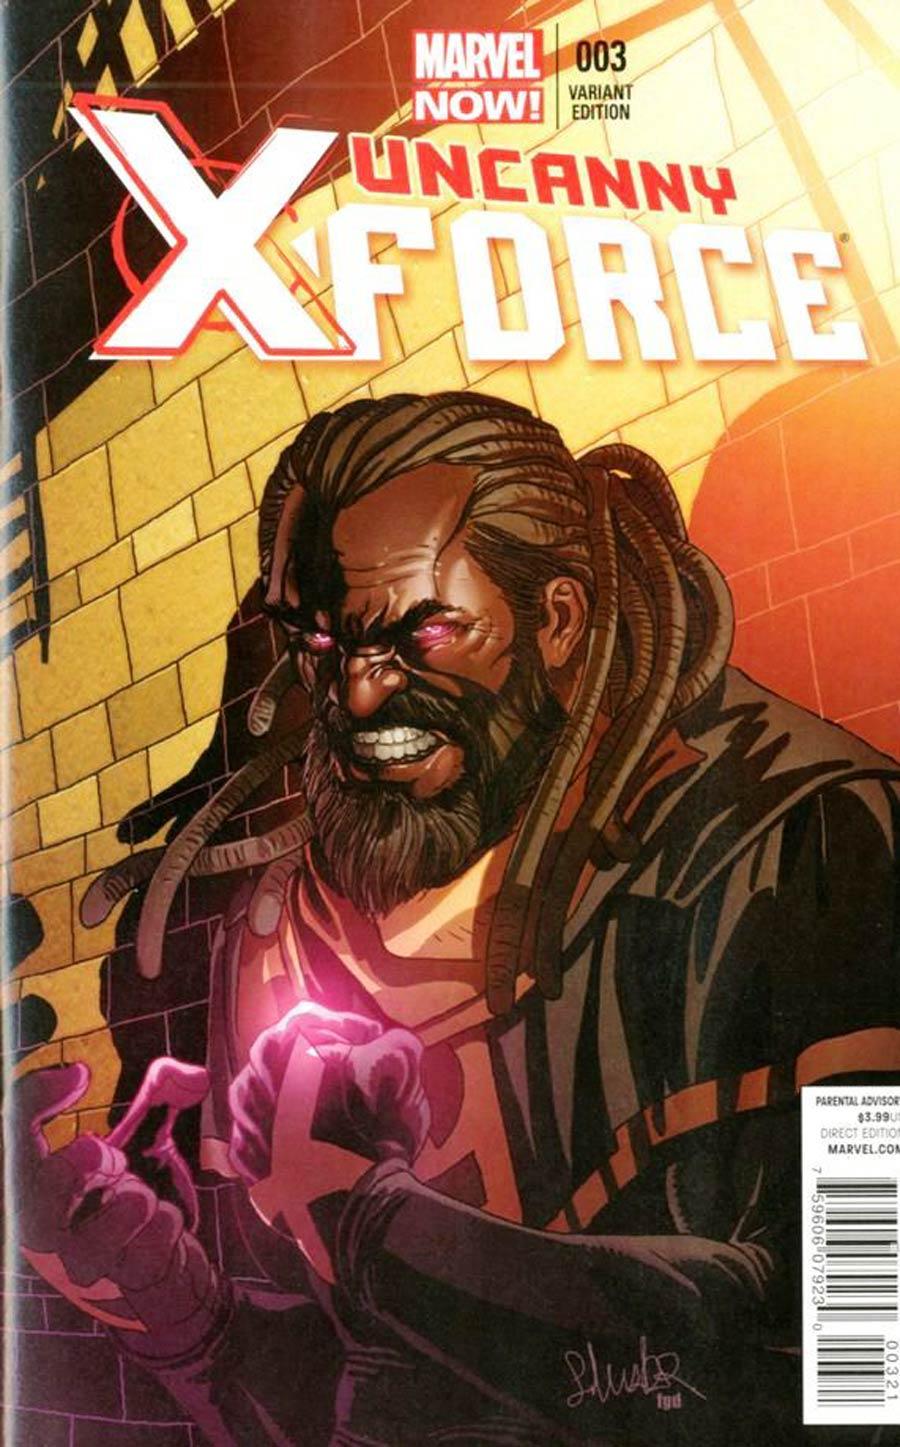 Uncanny X-Force Vol 2 #3 Cover B Incentive Salvador Larroca Variant Cover